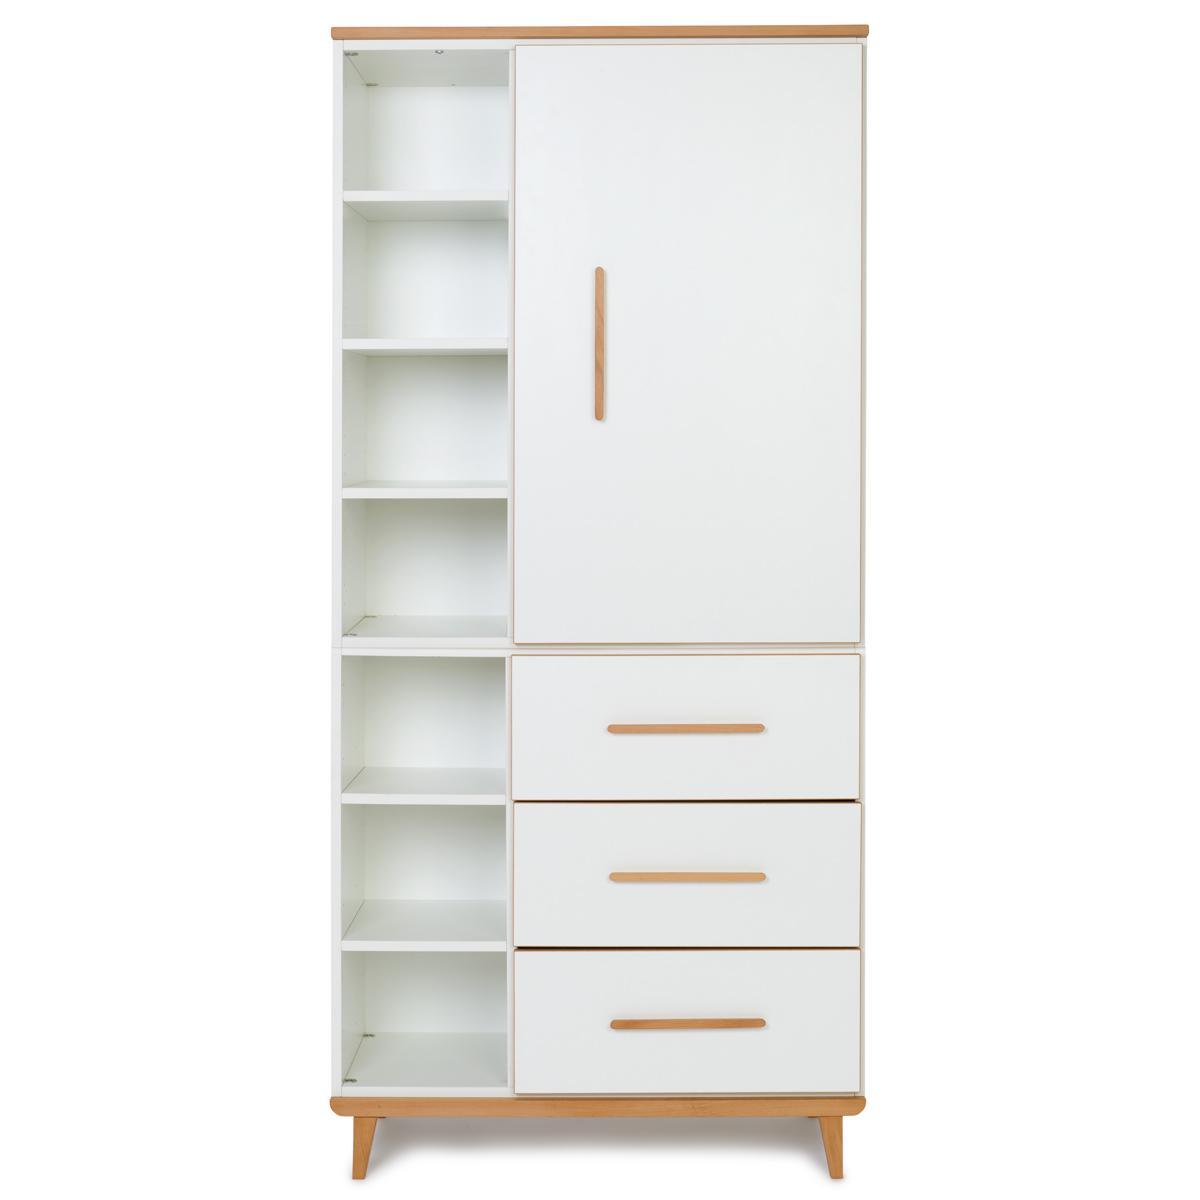 Wookids - Armoire 198cm 1 porte 3 tiroirs NADO white